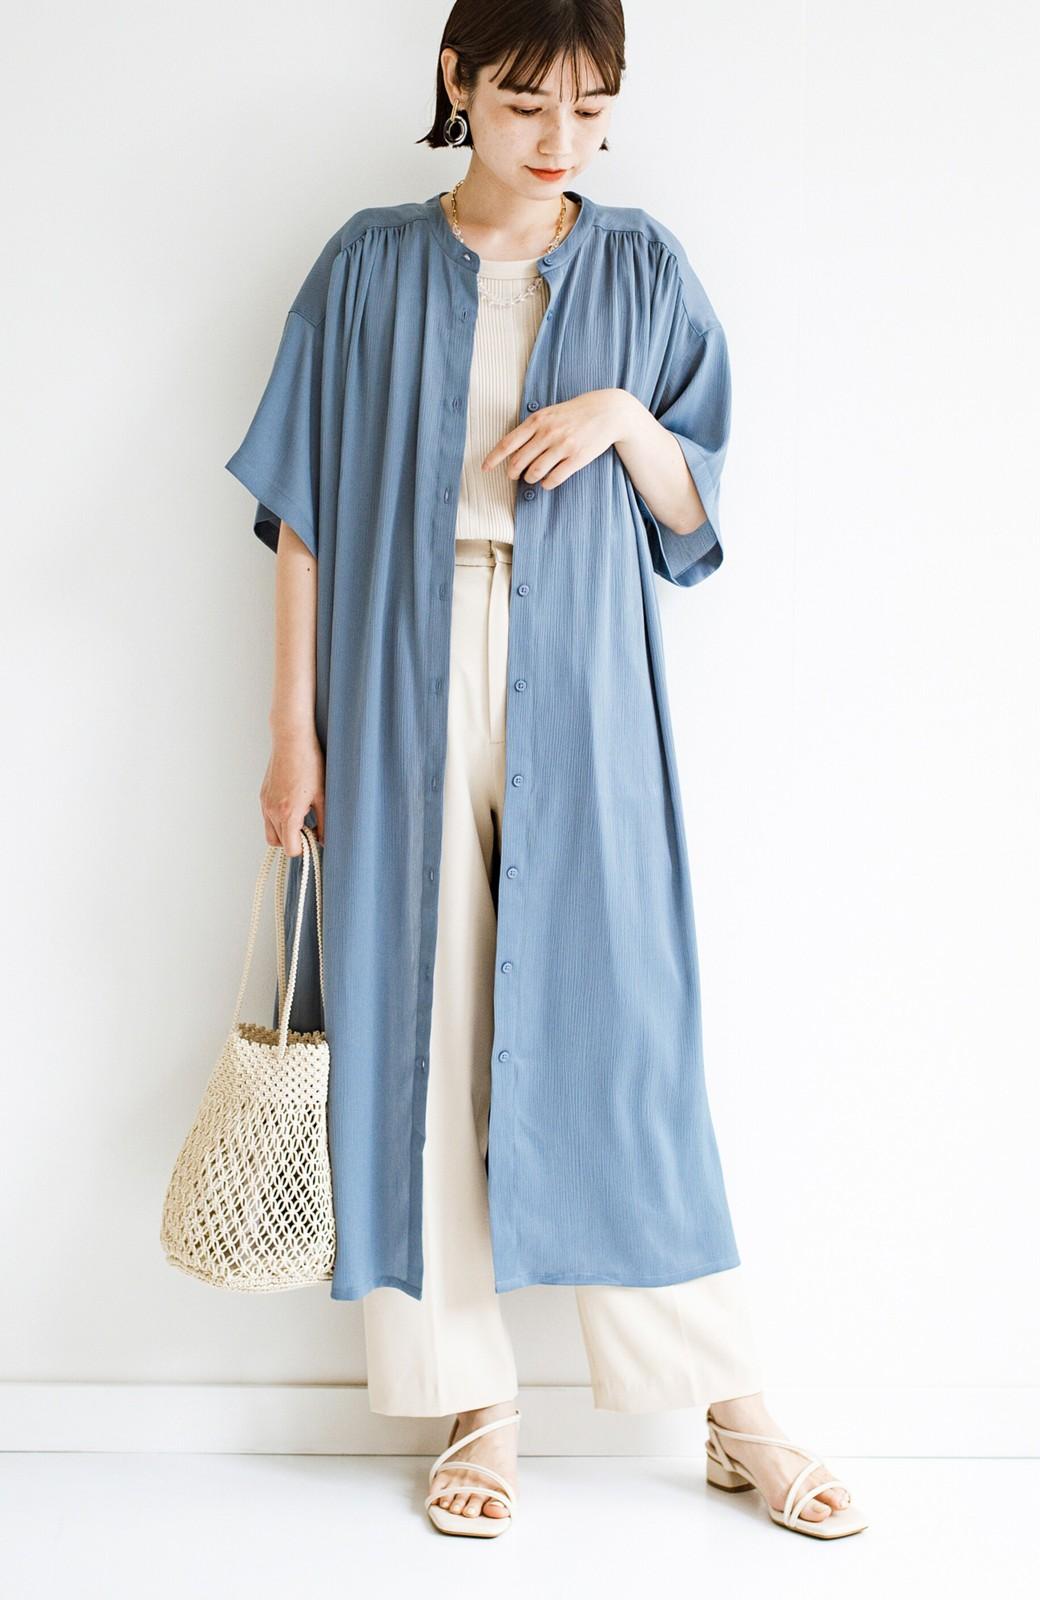 haco! 羽織としてもワンピースとしても着られちゃう 後ろ姿まで抜かりなくかわいいプリーツワンピース <ブルー>の商品写真4